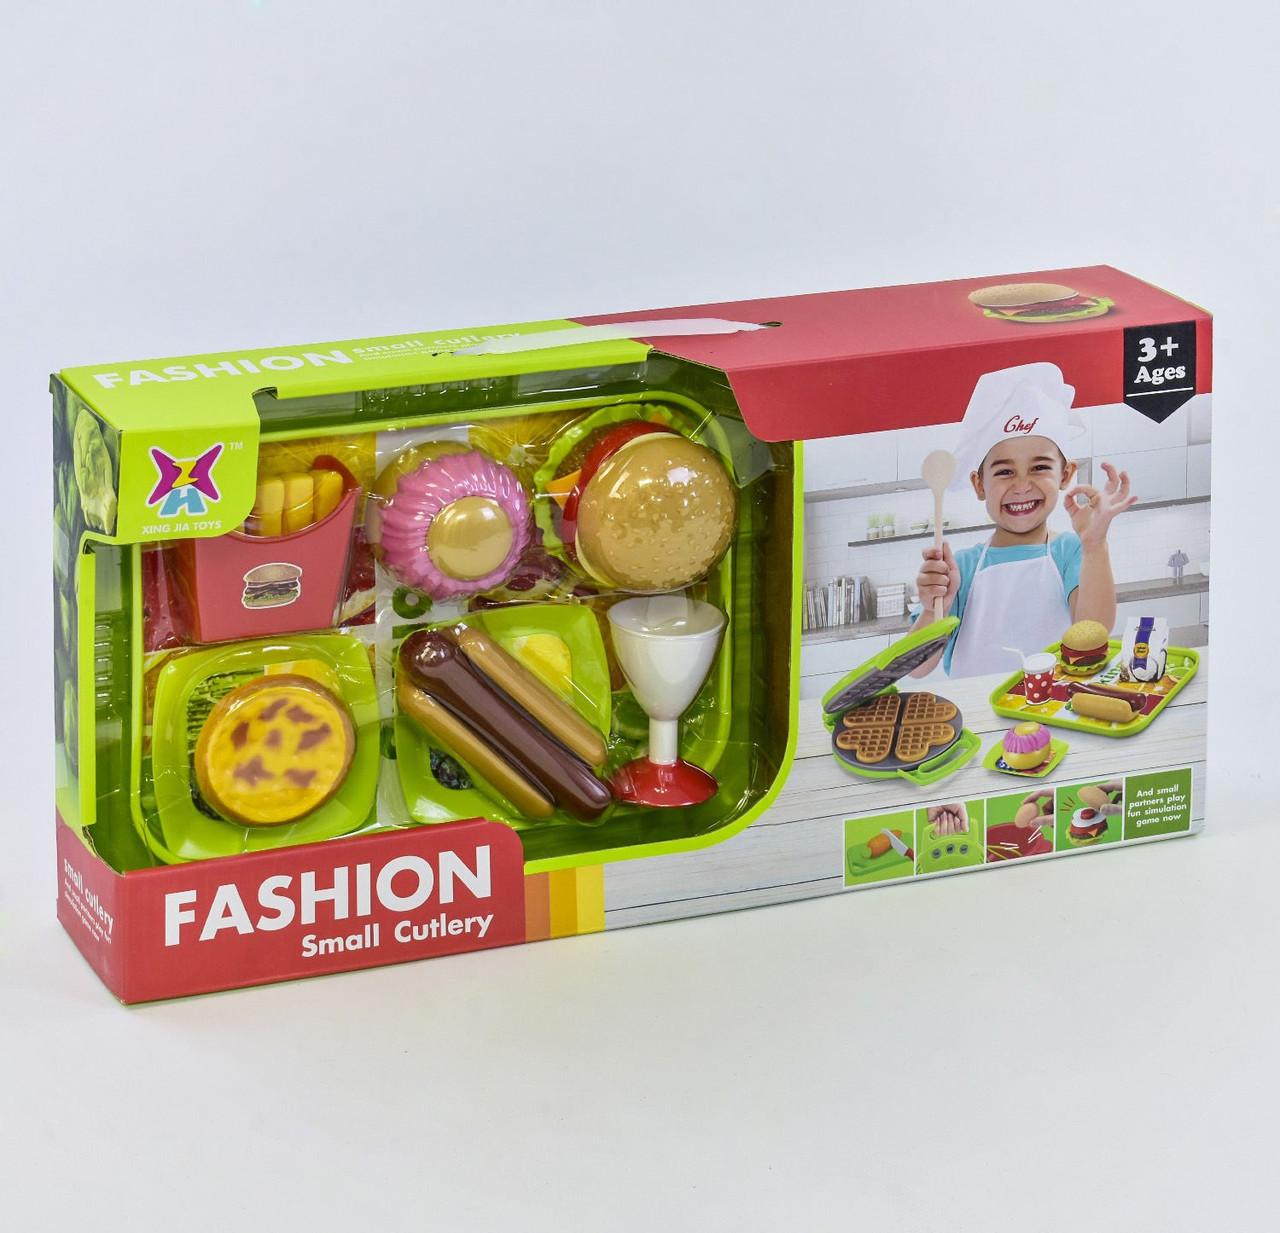 Набор продуктов Фаст-фуд 326 H-34, с вафельницей